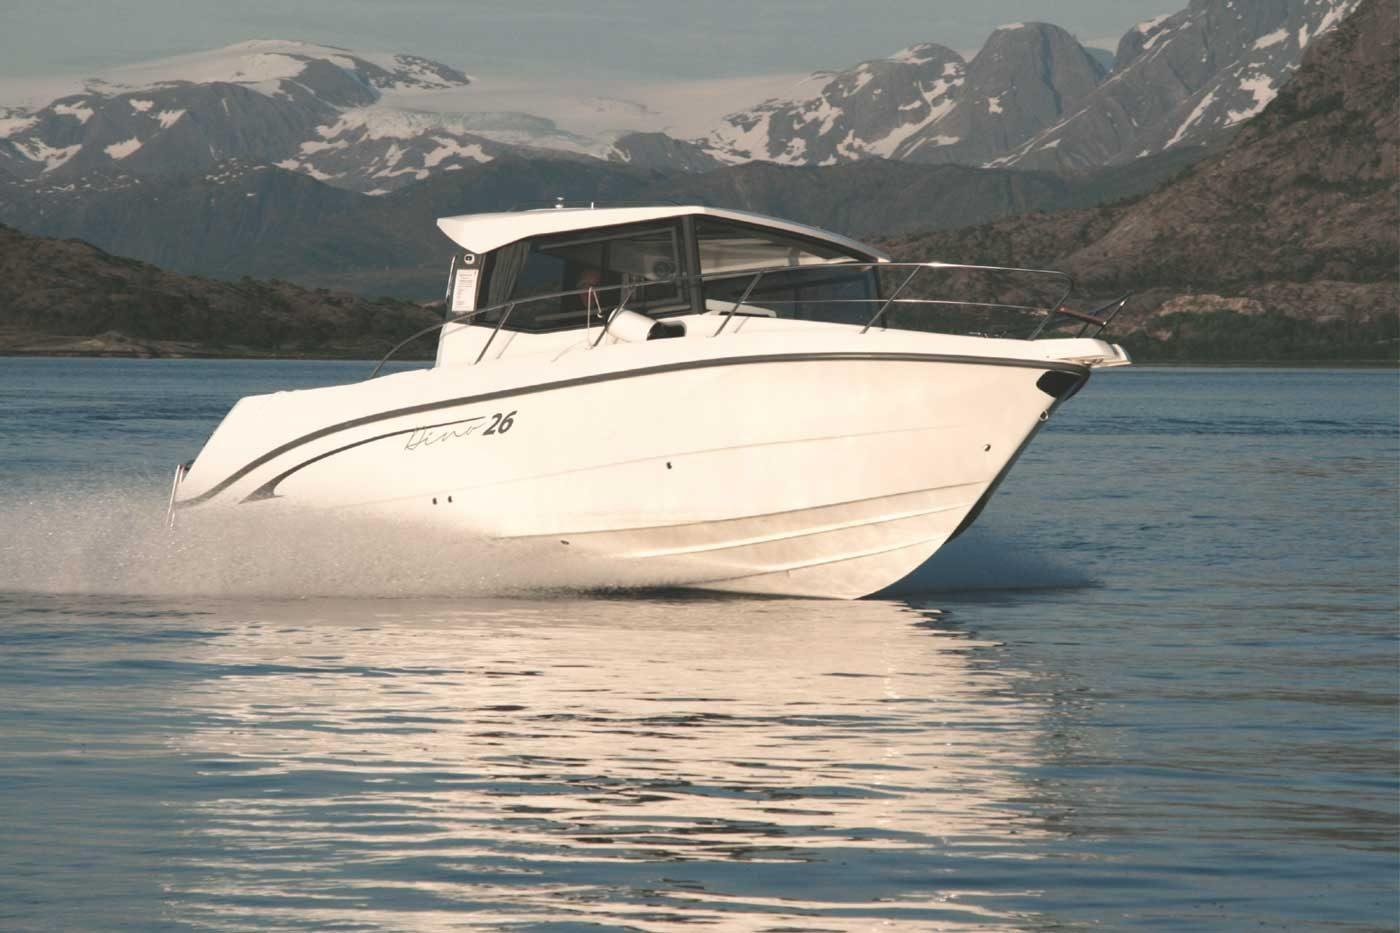 Nouvelle de nos membres : <br>BCI Marine voit le jour :  Un nouveau joueur stratégique dans l'industrie du nautisme